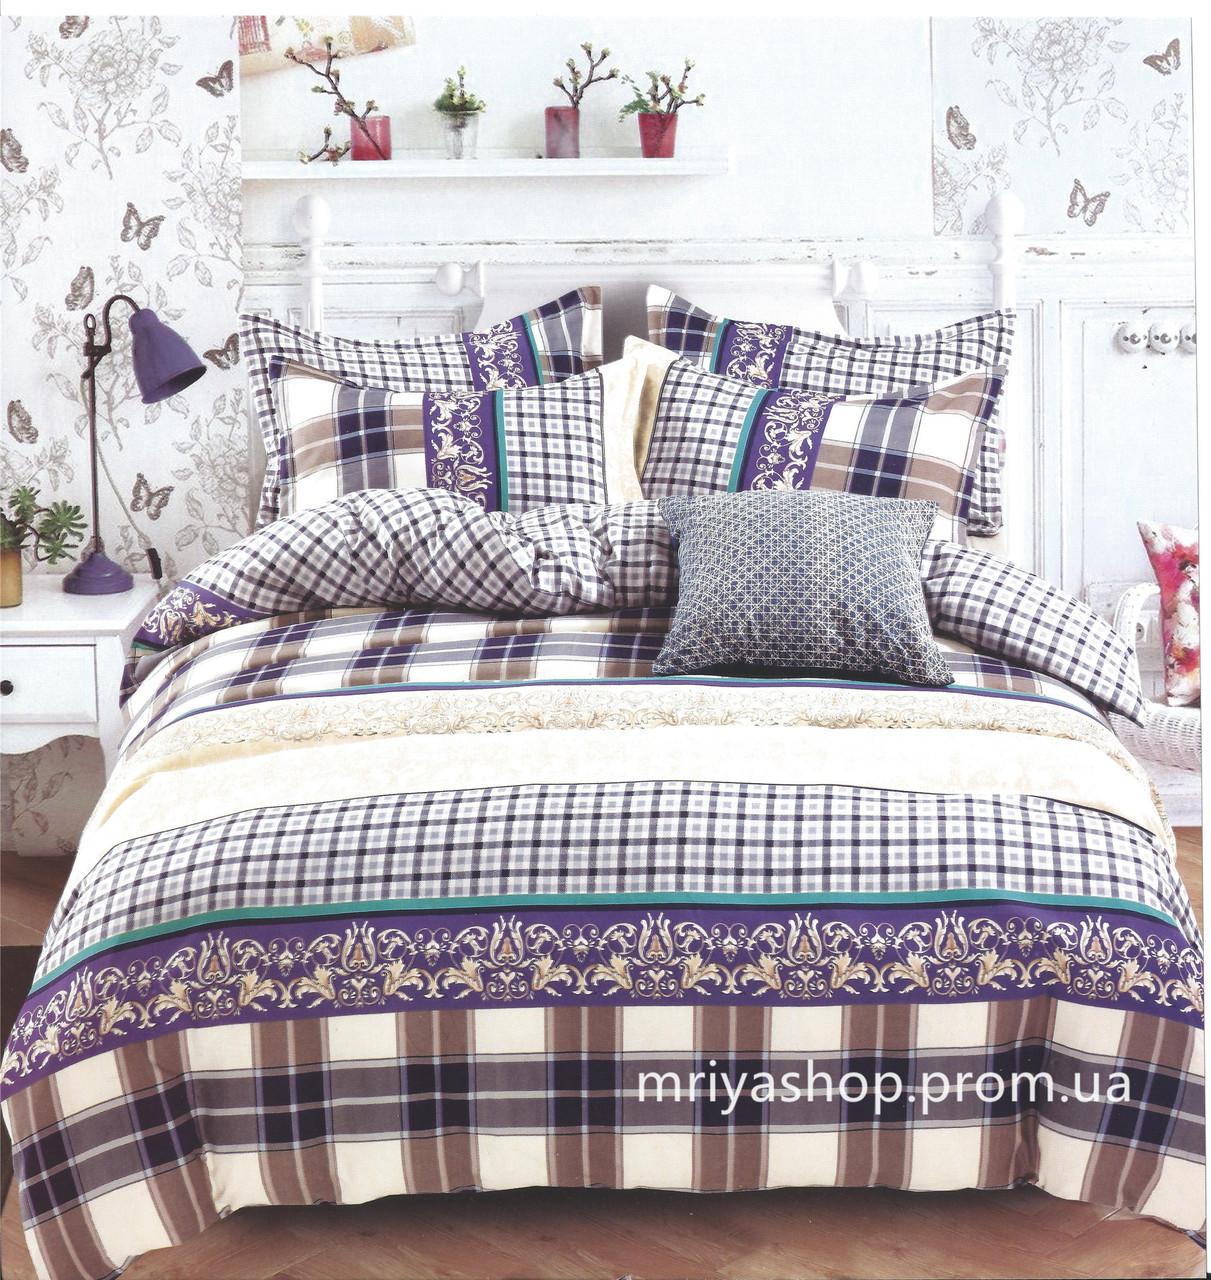 Комплект постельного белья Фланель байка Евроразмер  продажа 28ceba9267d25